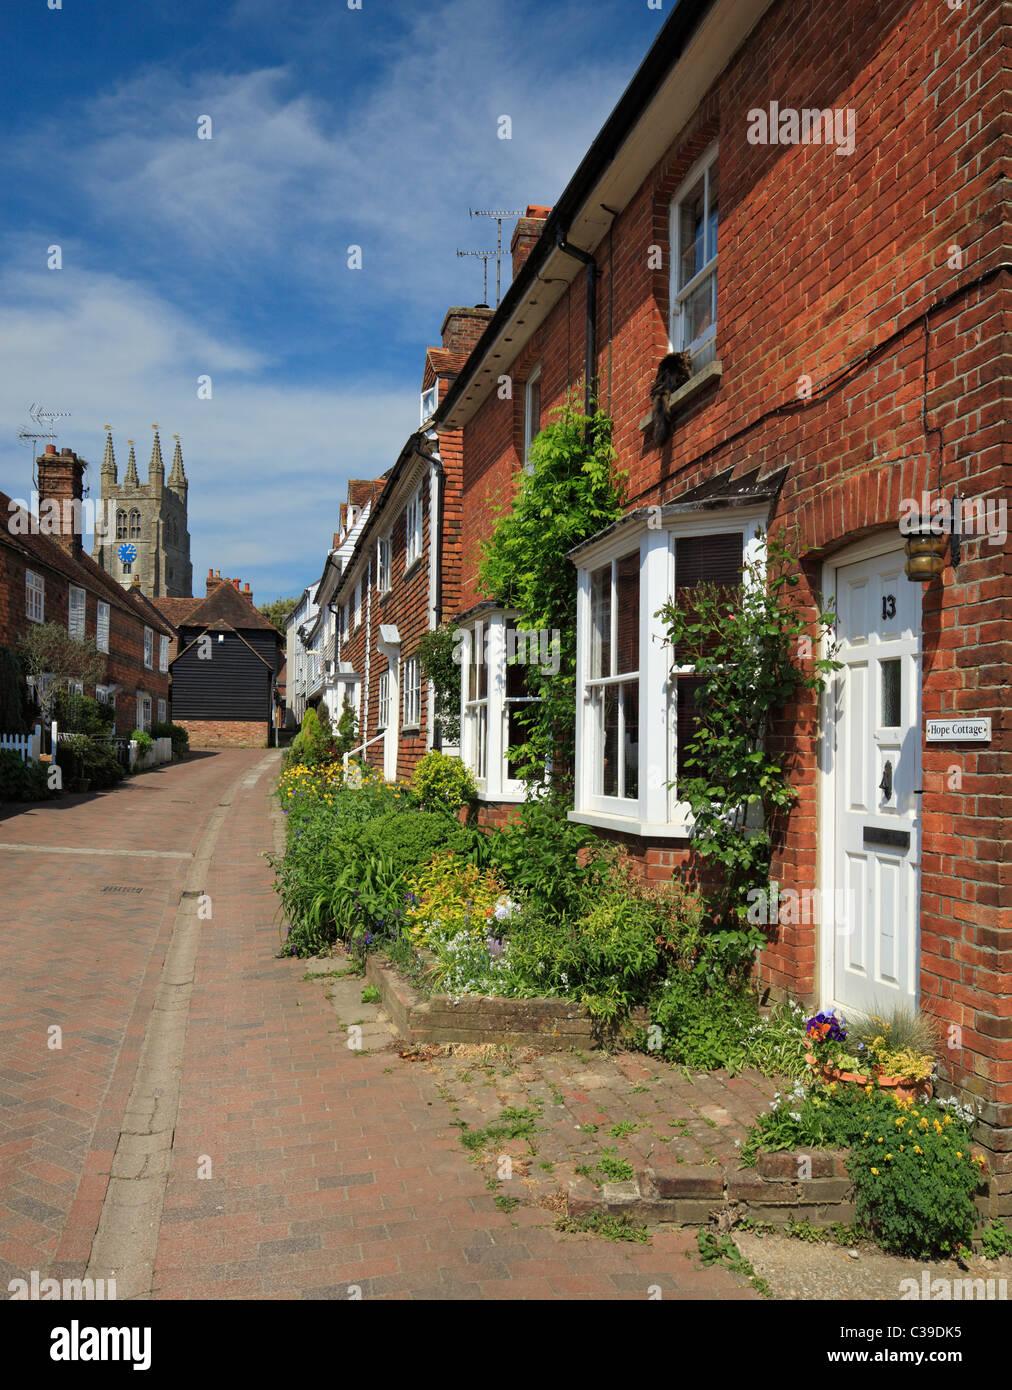 Quaint old street in Tenterden. - Stock Image